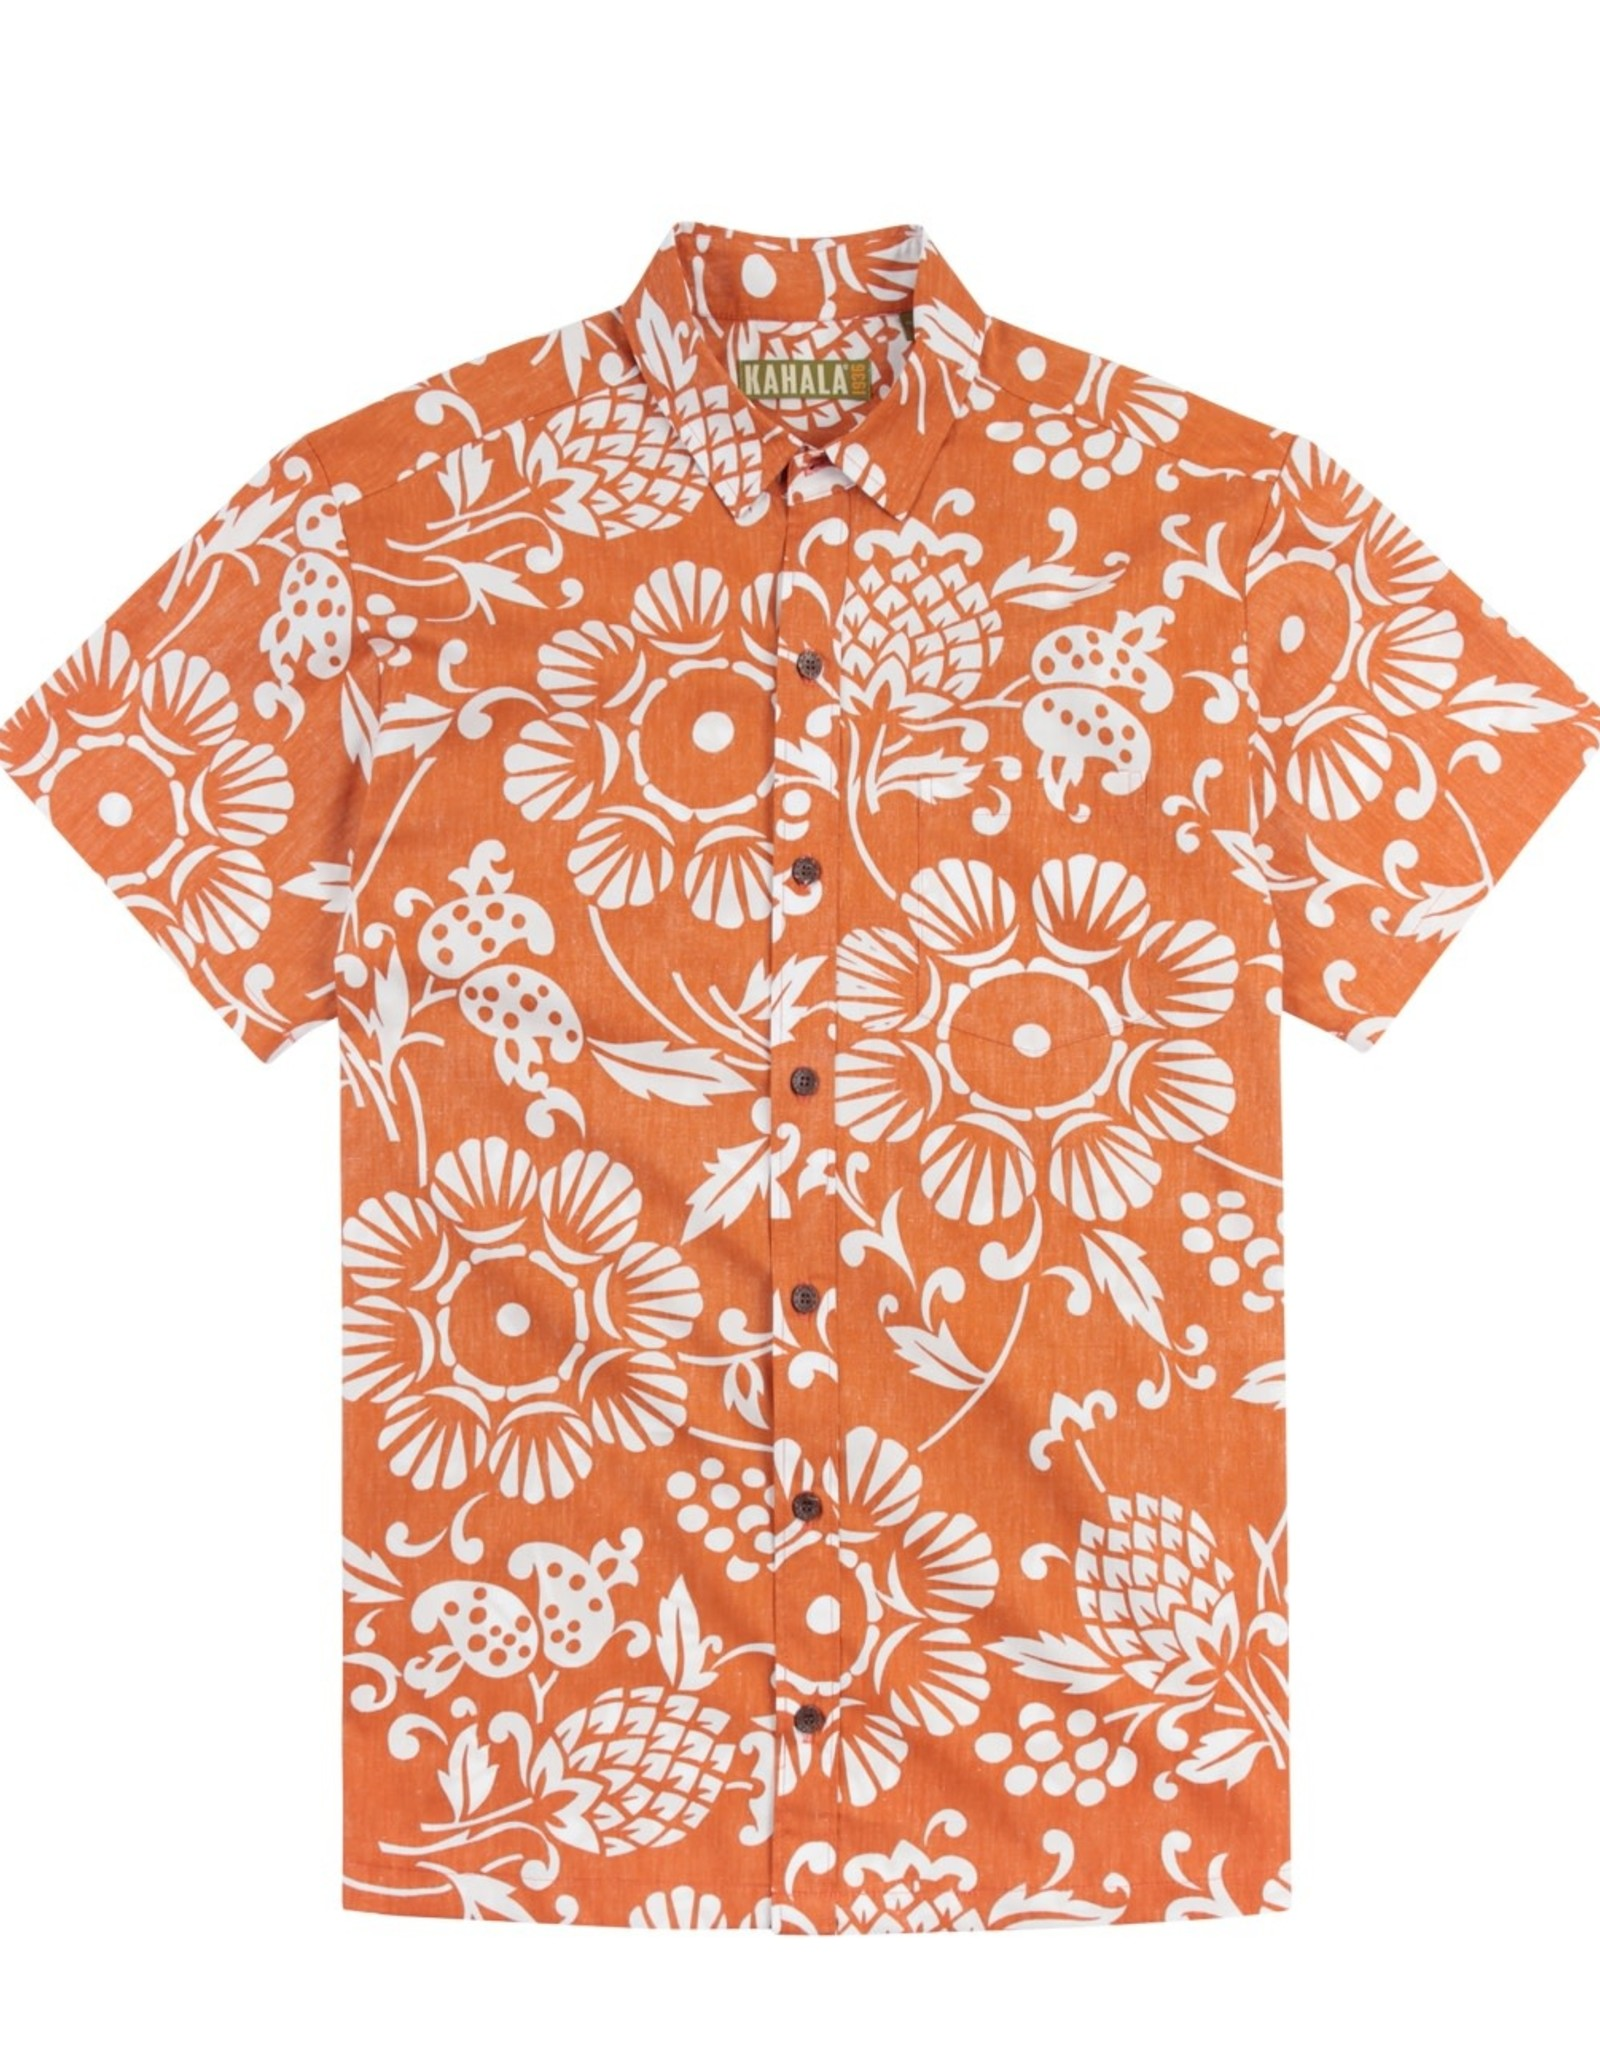 Kahala Kahala Aloha Shirt Duke's Pareo